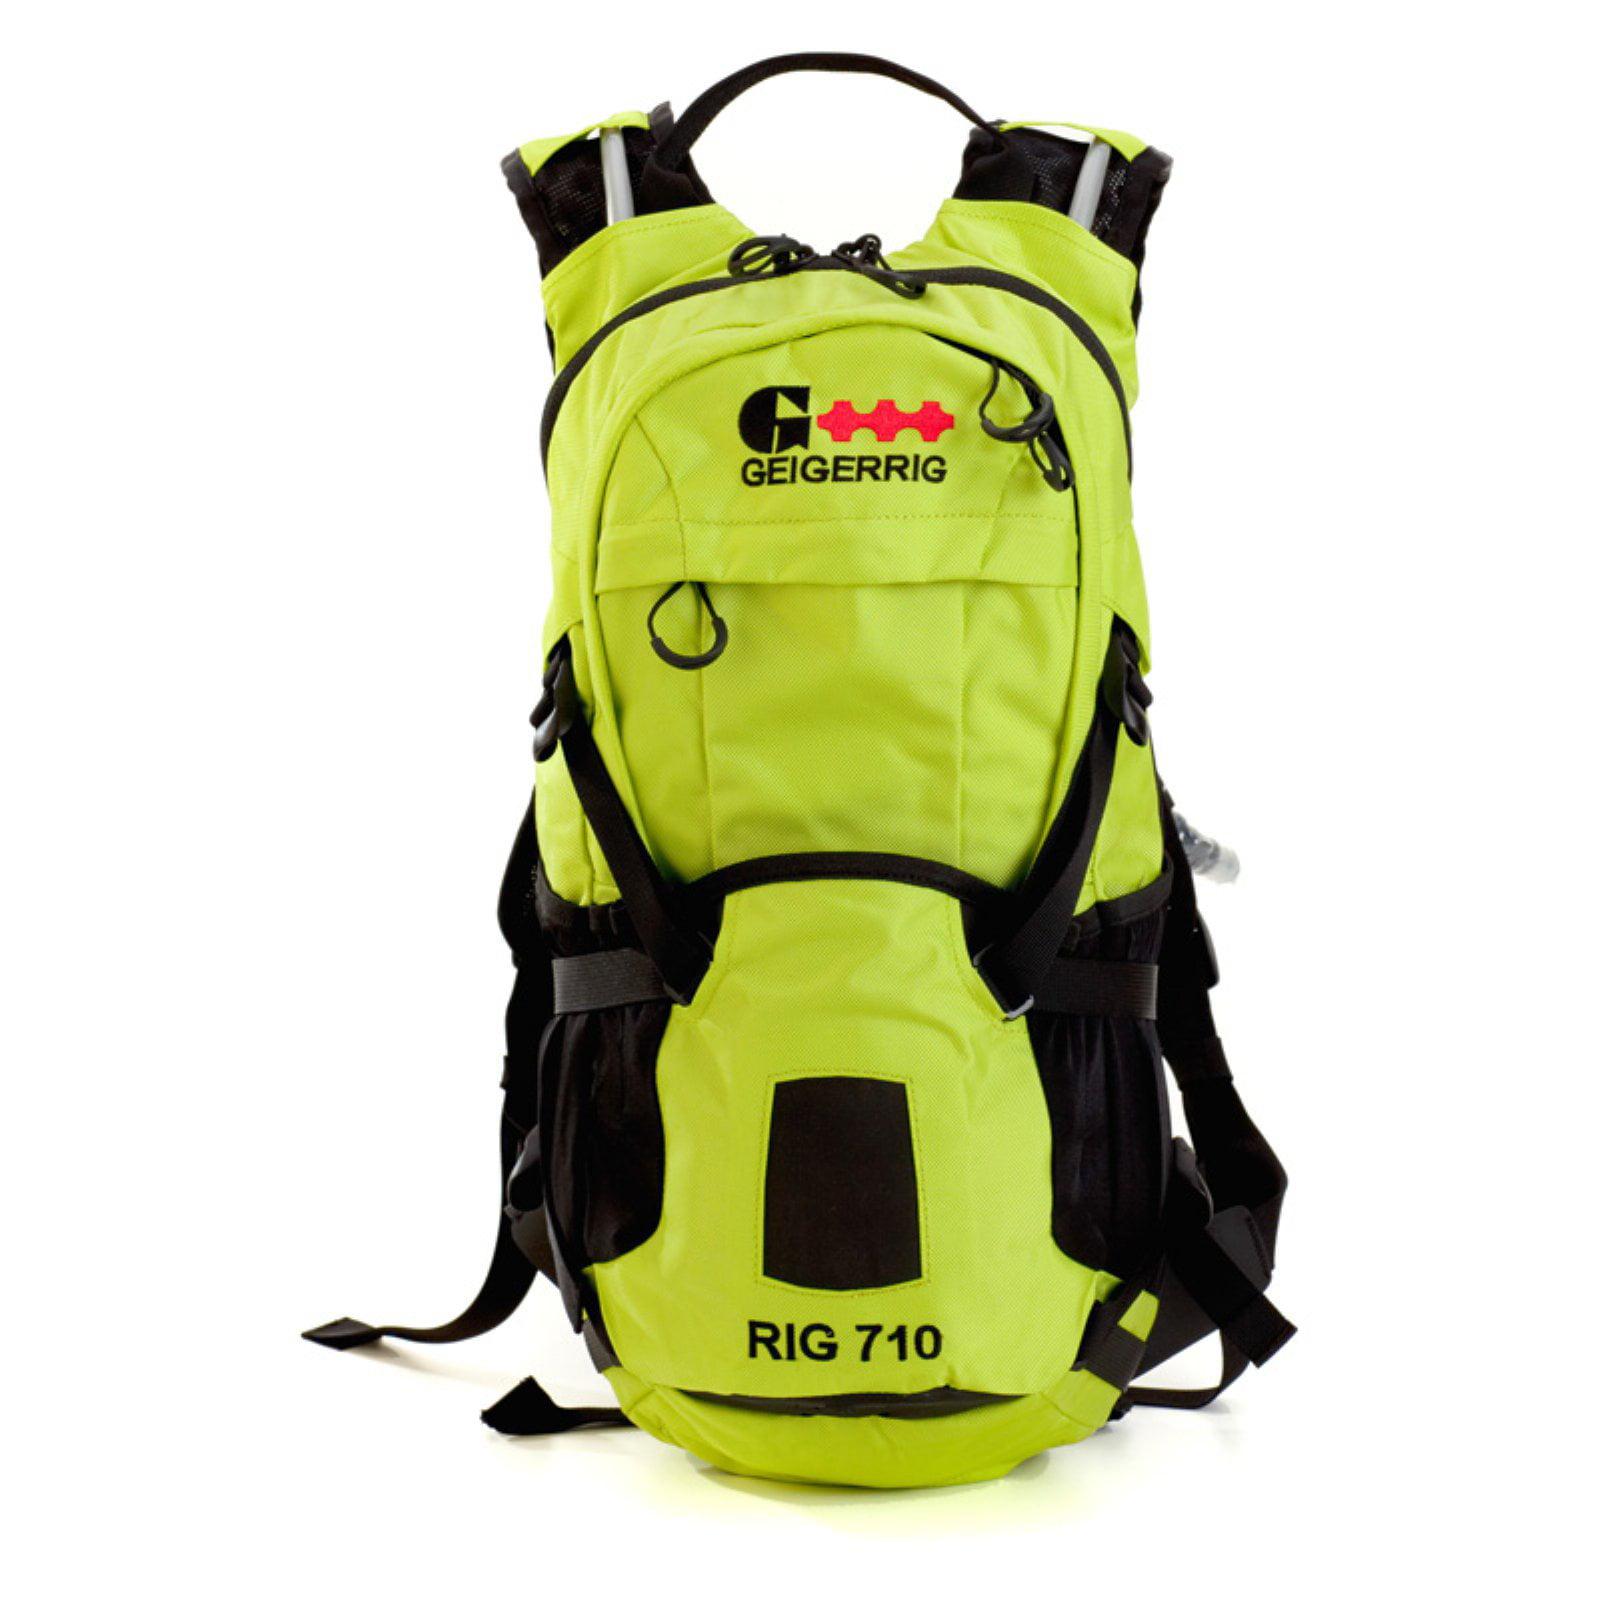 Geigerrig The Rig 710 Hydration Pack by Geigerrig